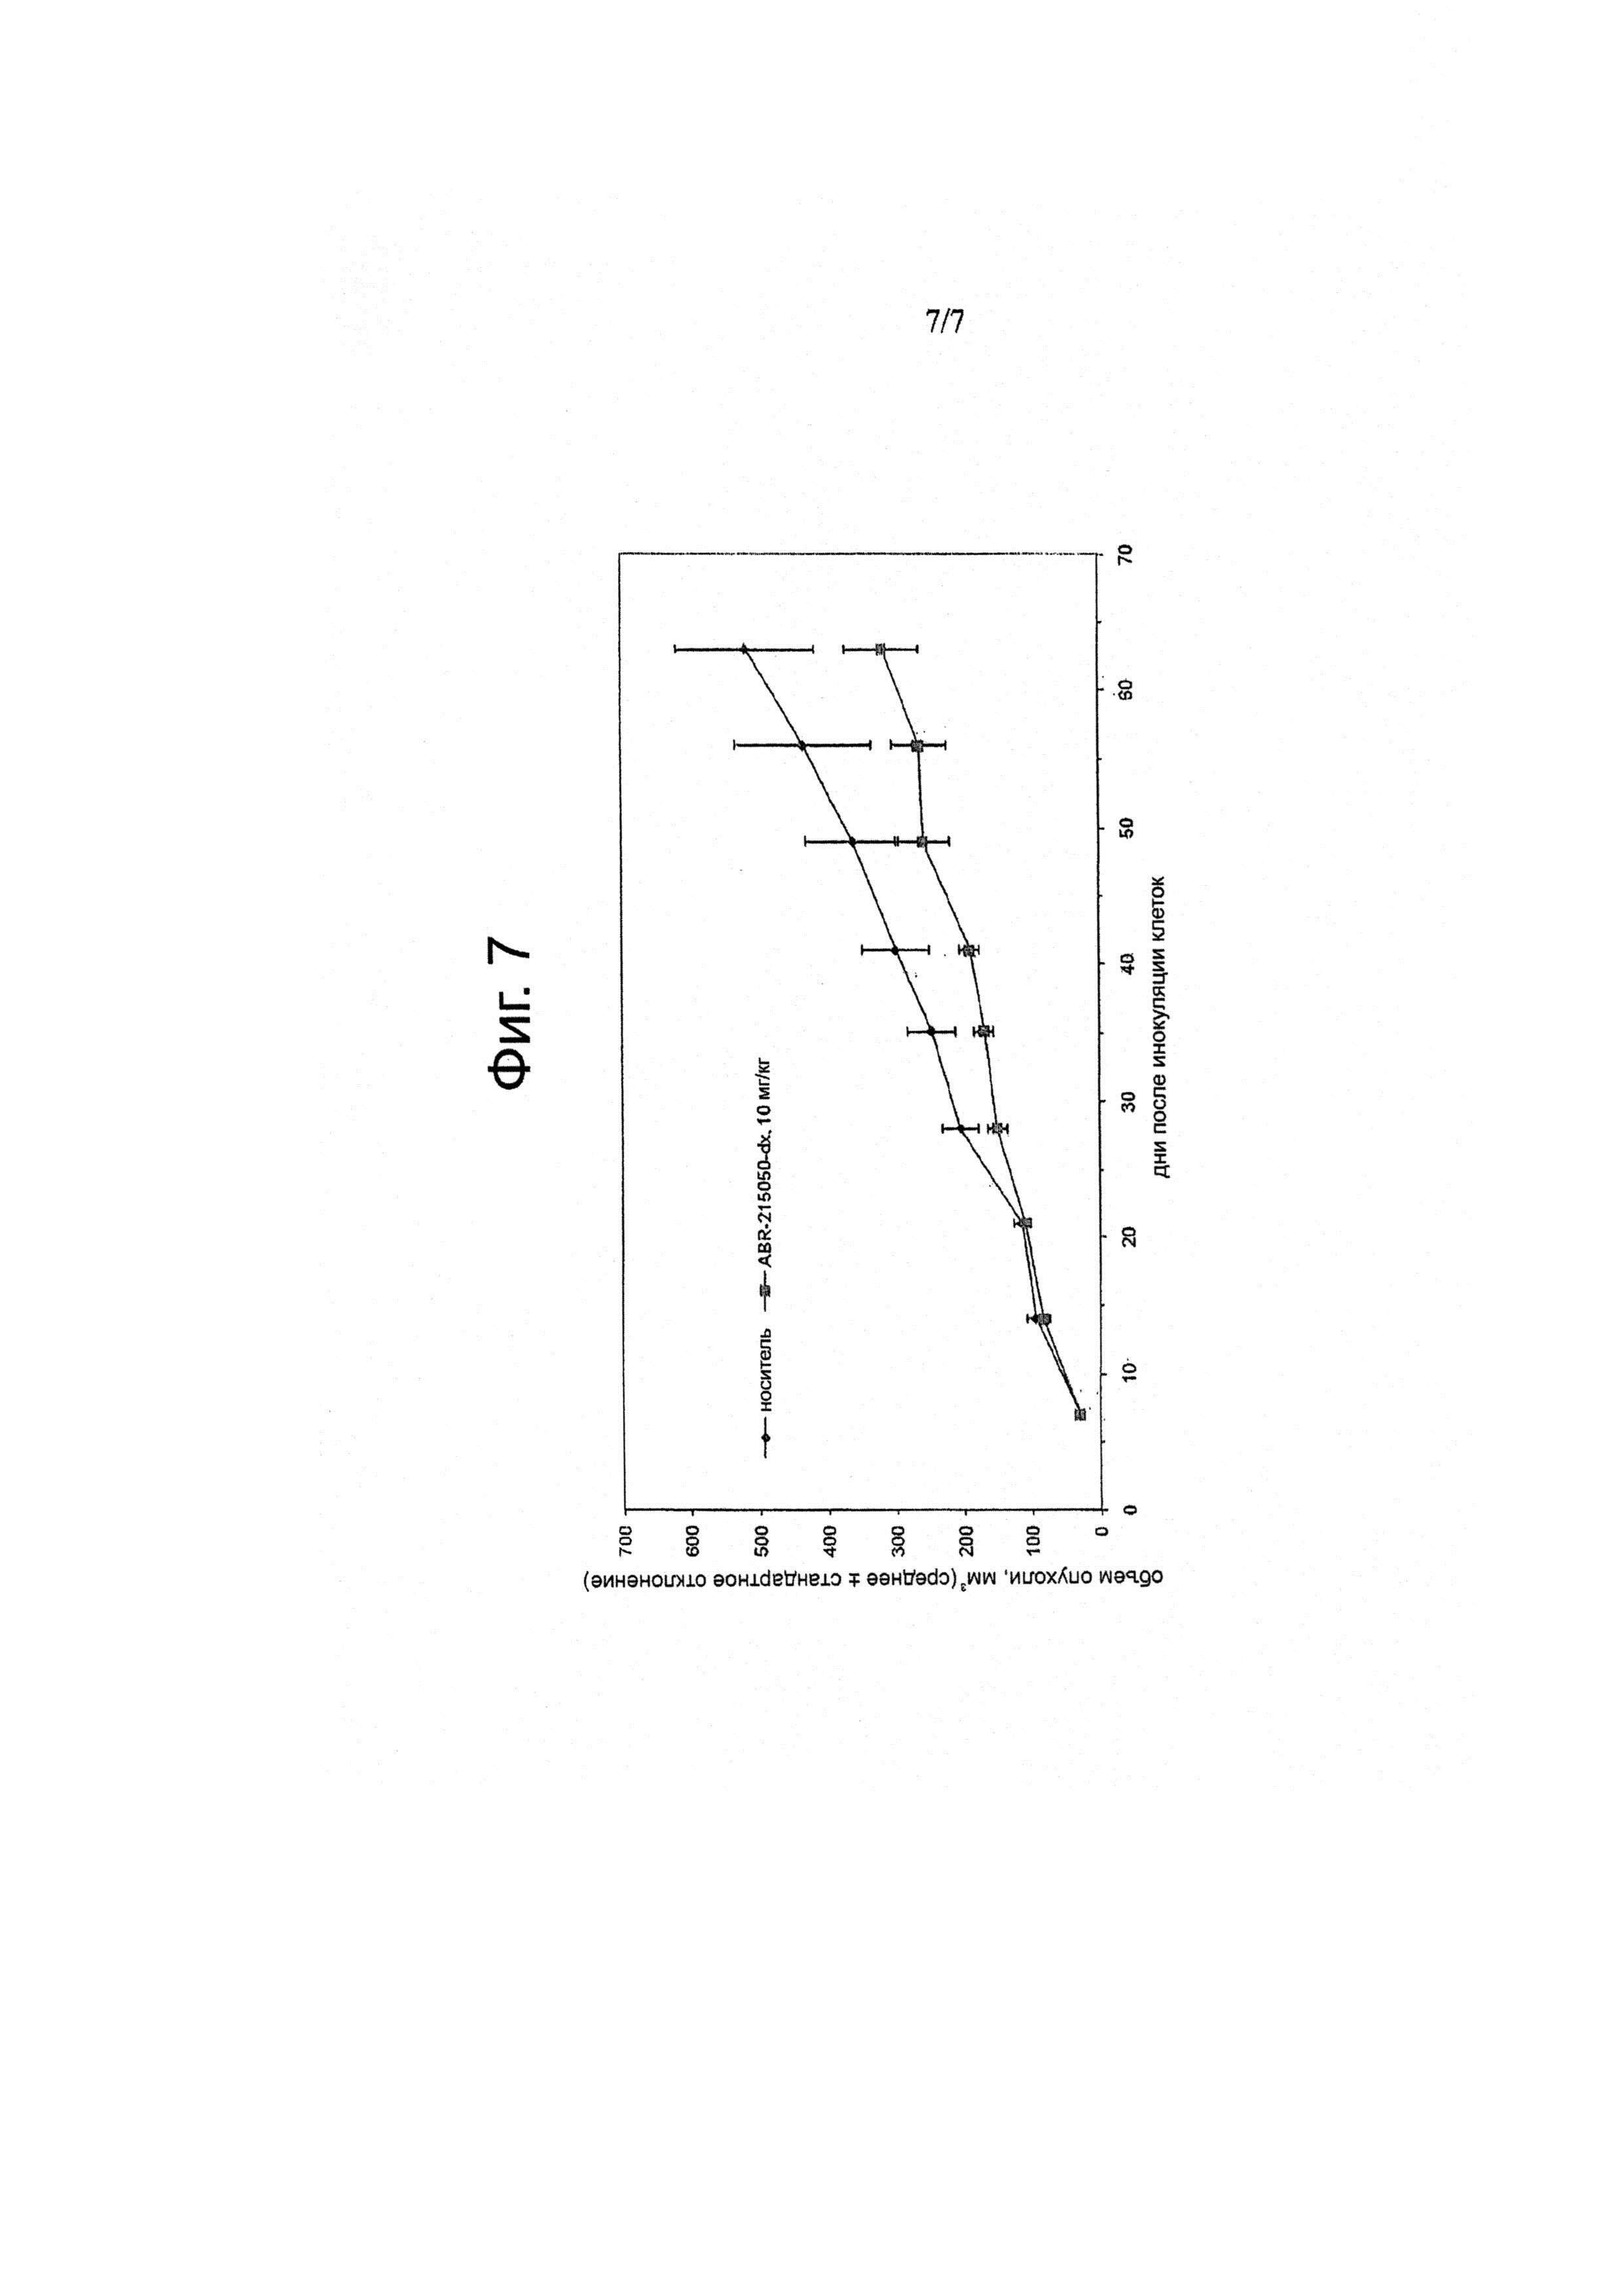 Обогащенный дейтерием 4-гидрокси-5-метокси-n,1-диметил-2-оксо-n-[(4-трифтор-метил)фенил]-1,2-дигидрохинолин-3-карбоксамид